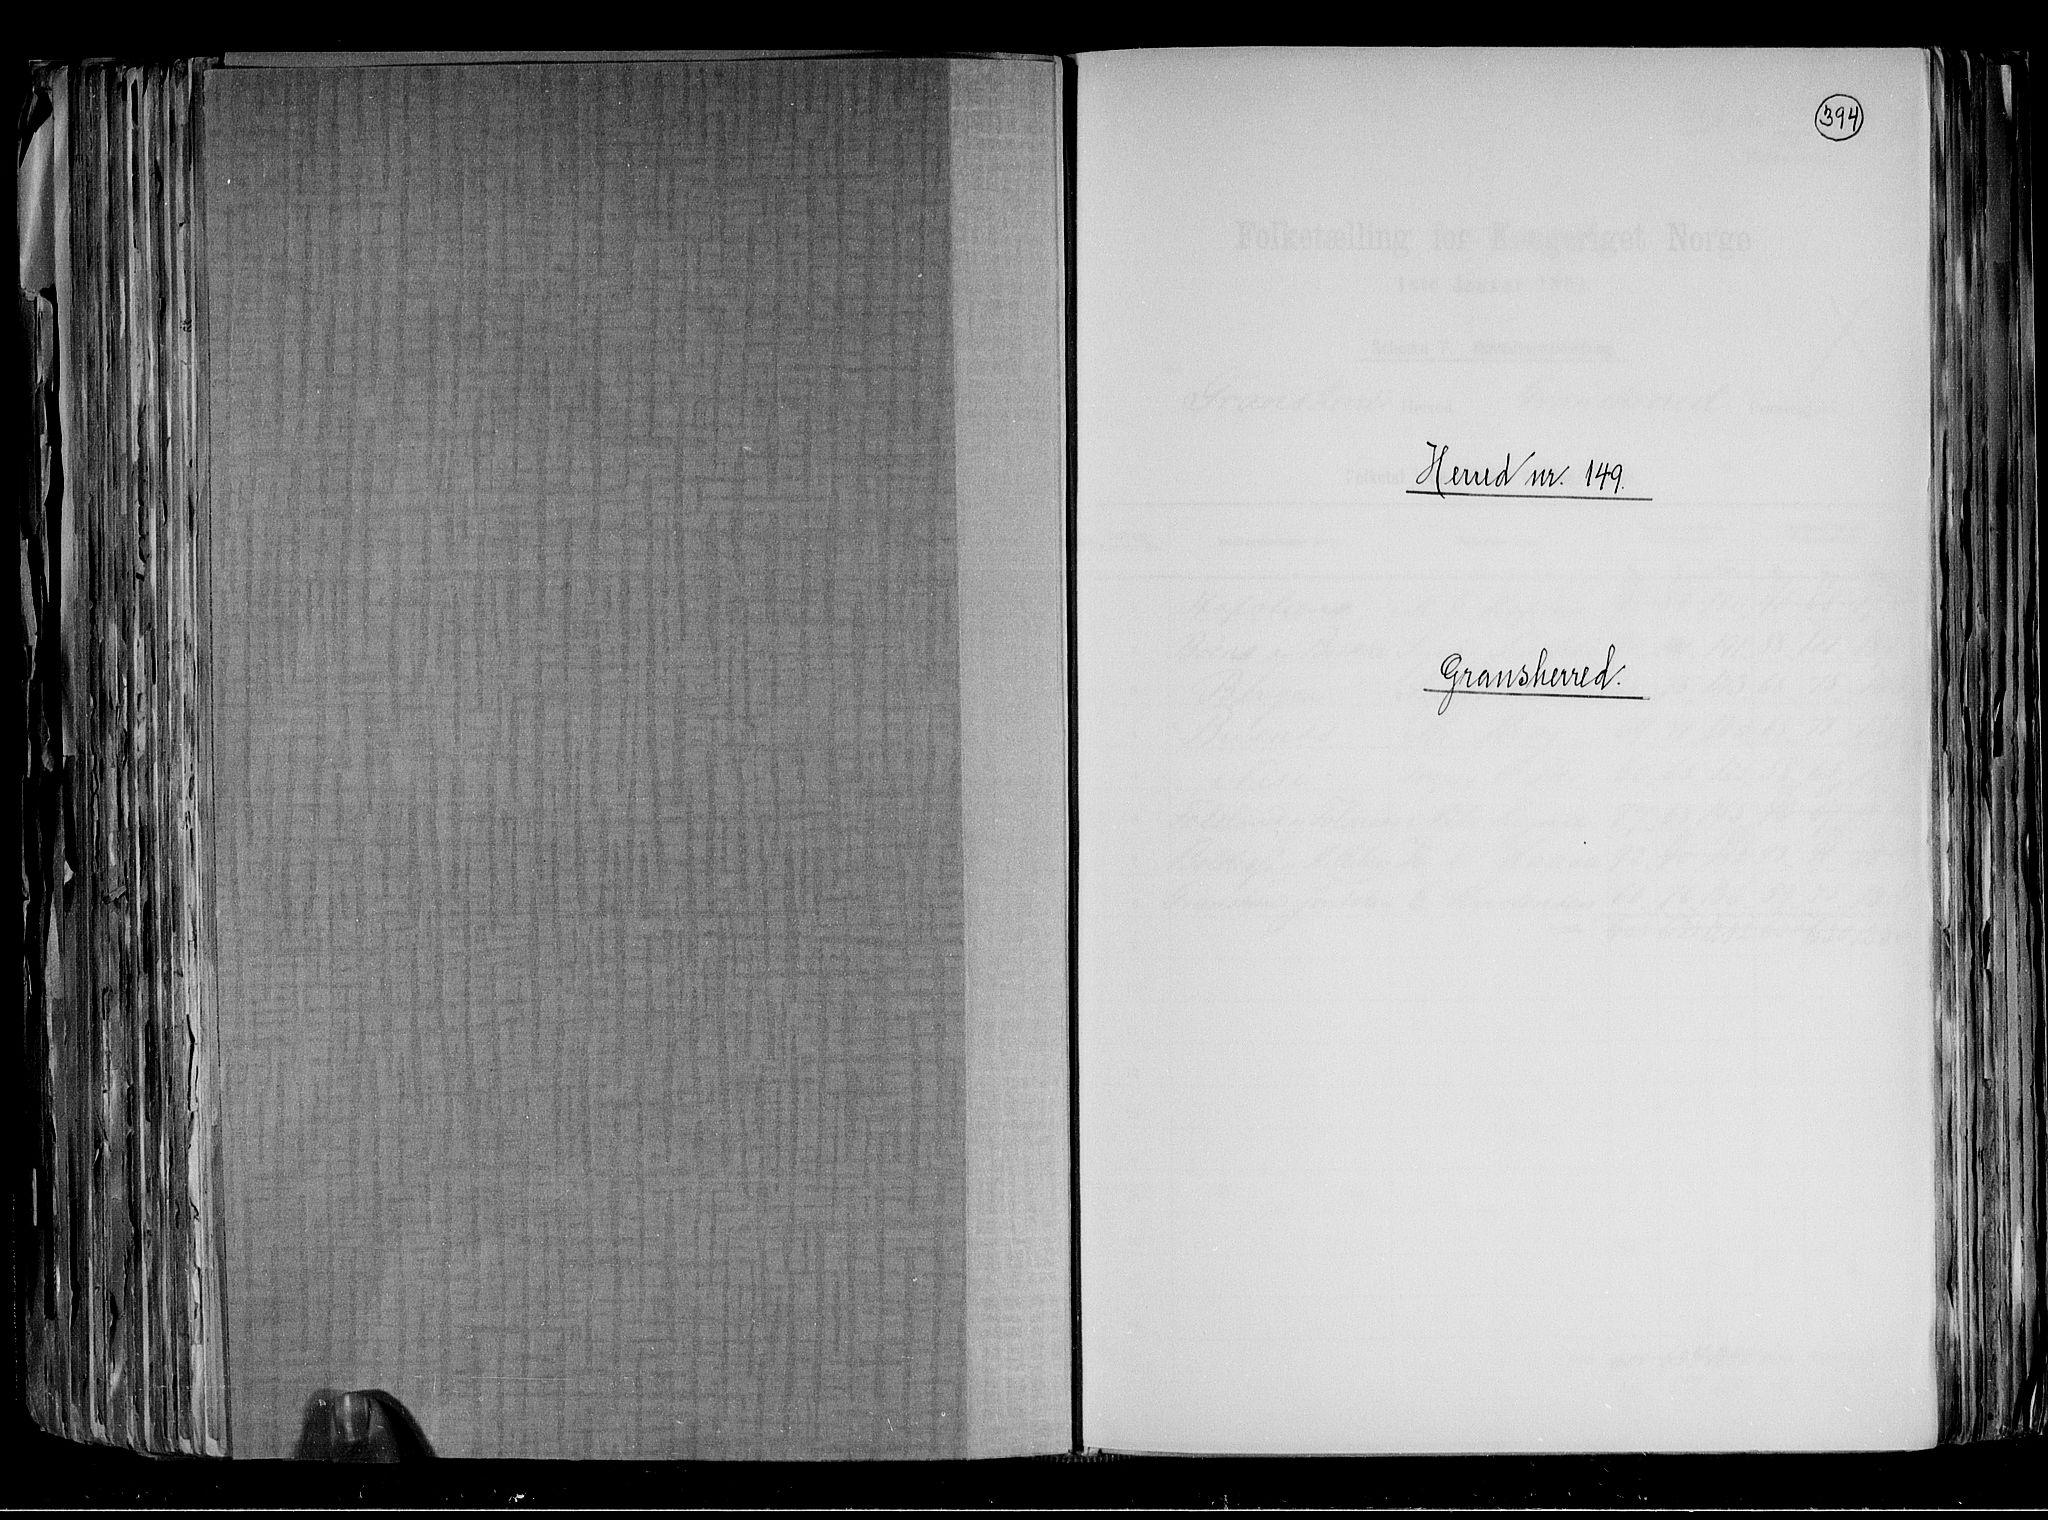 RA, Folketelling 1891 for 0824 Gransherad herred, 1891, s. 1